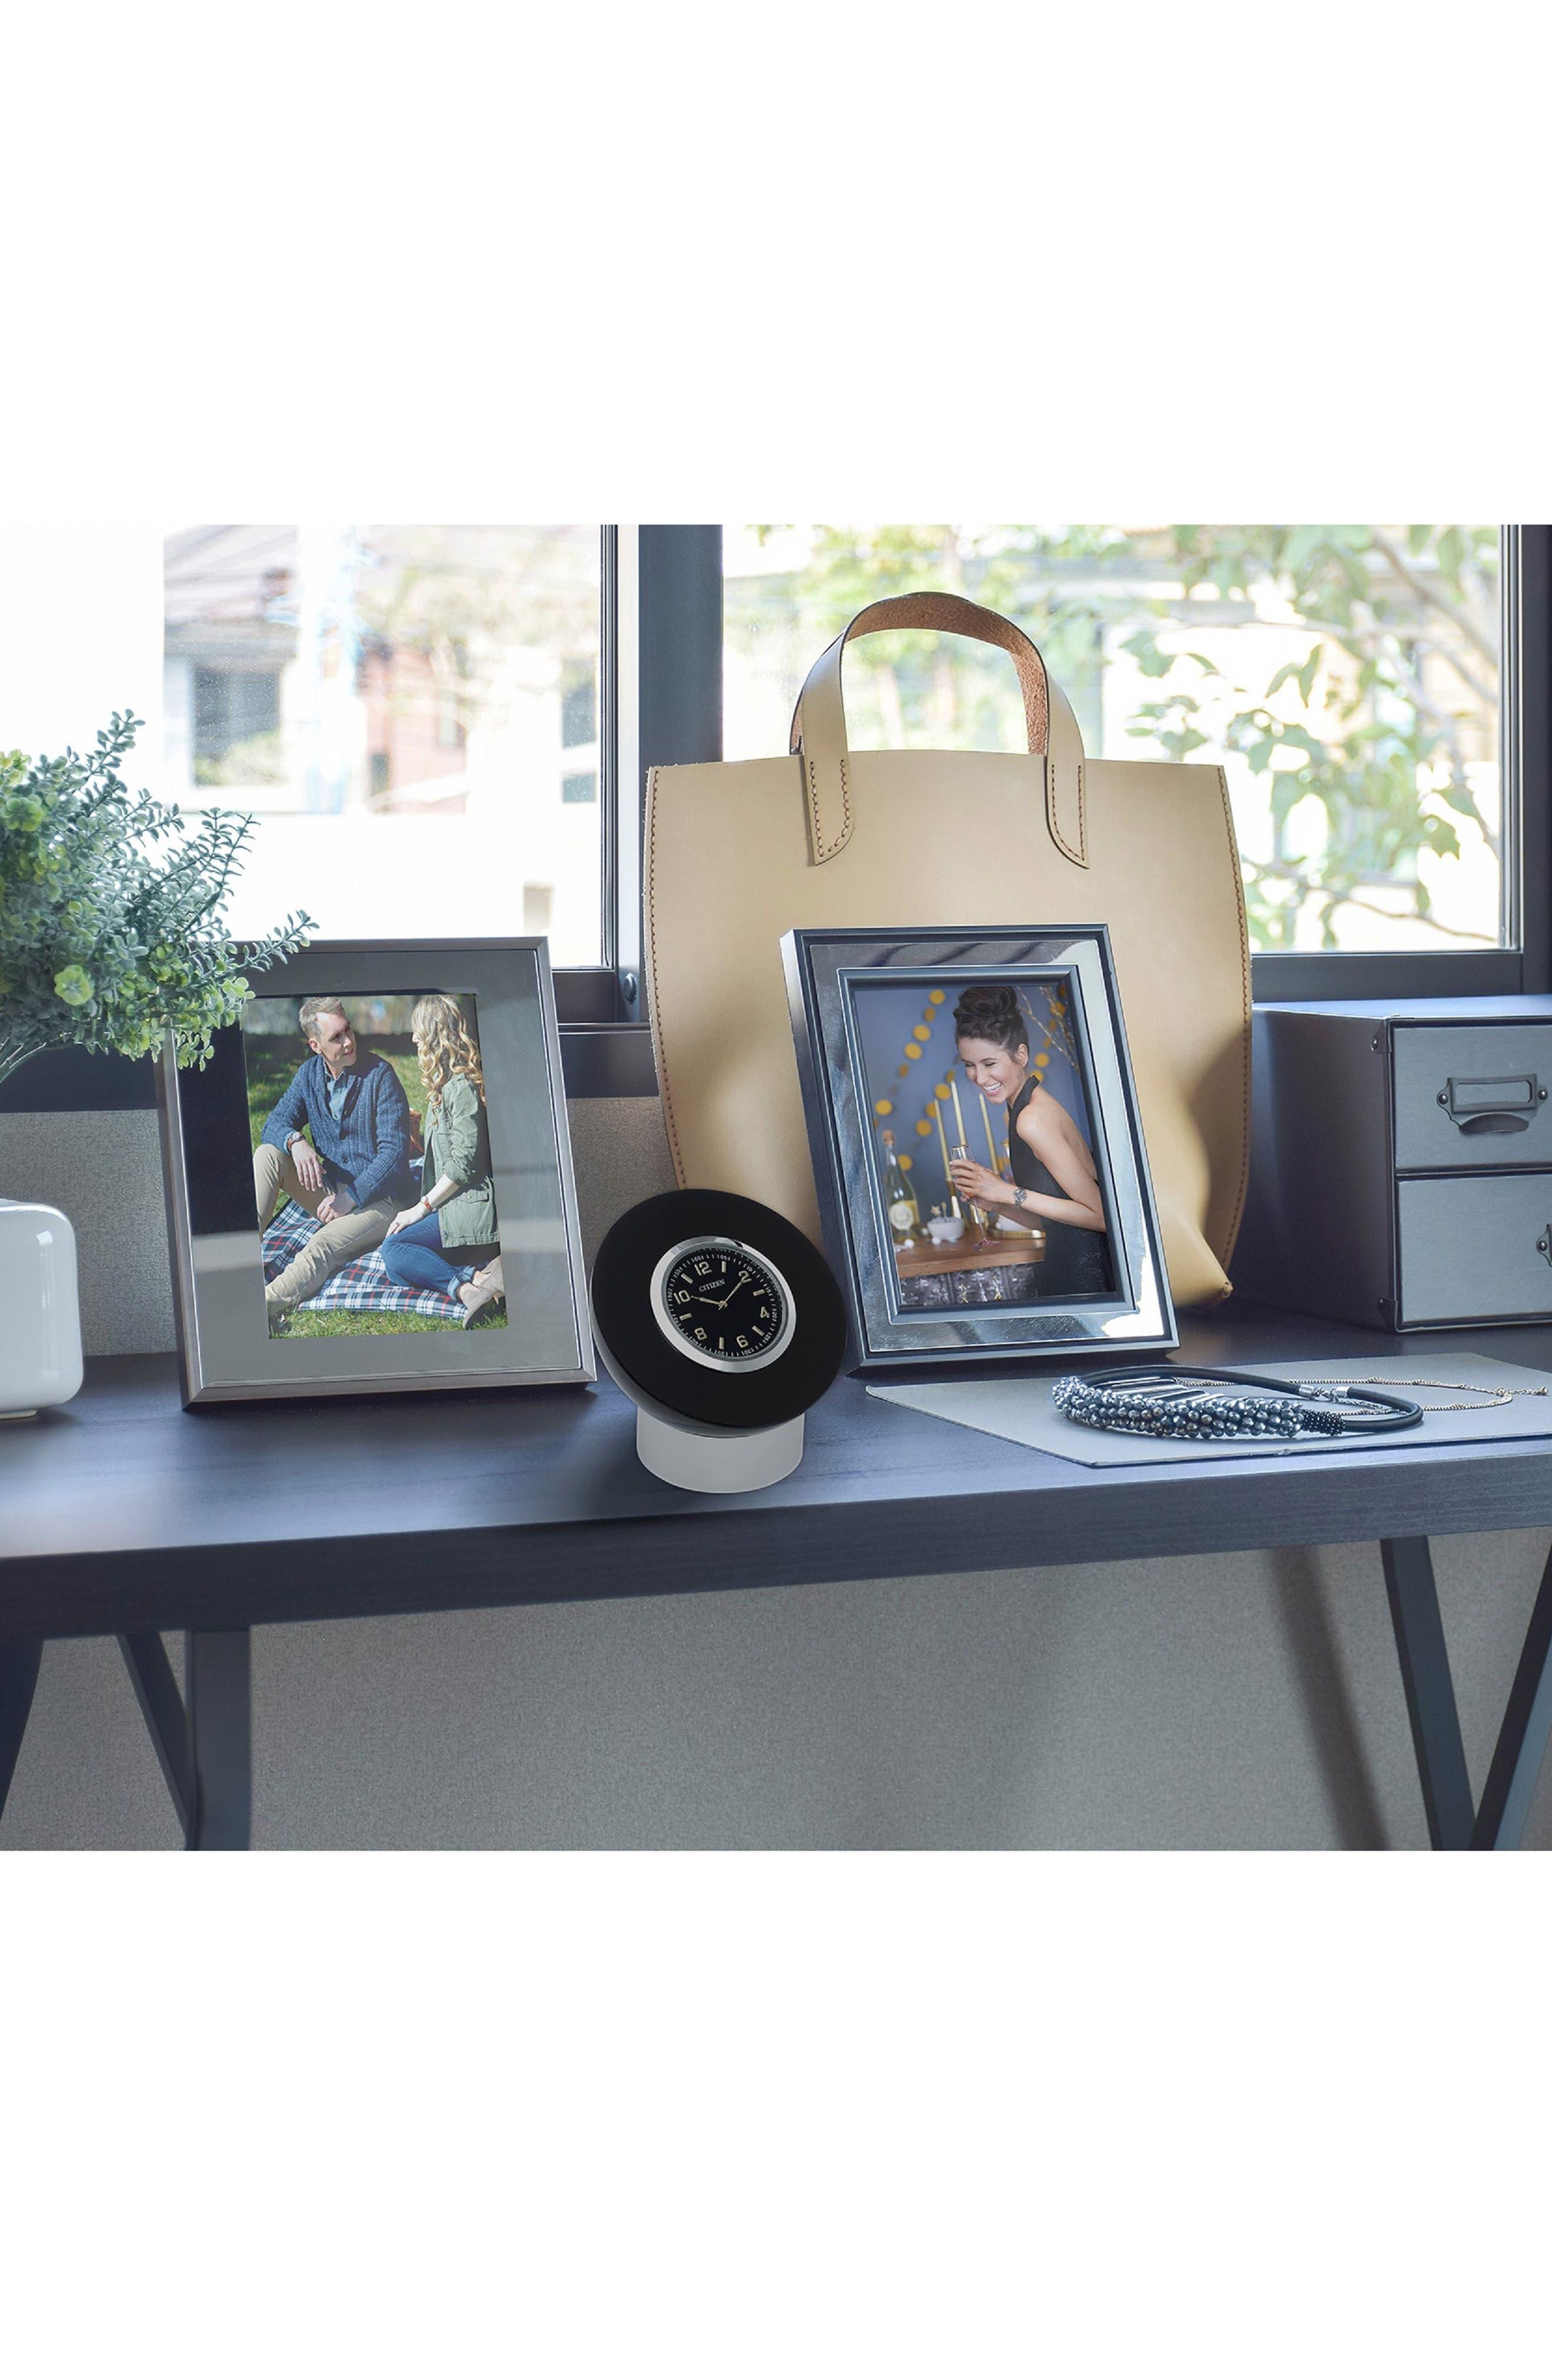 Decorative Accent Desk Clock,                             Alternate thumbnail 2, color,                             BLACK